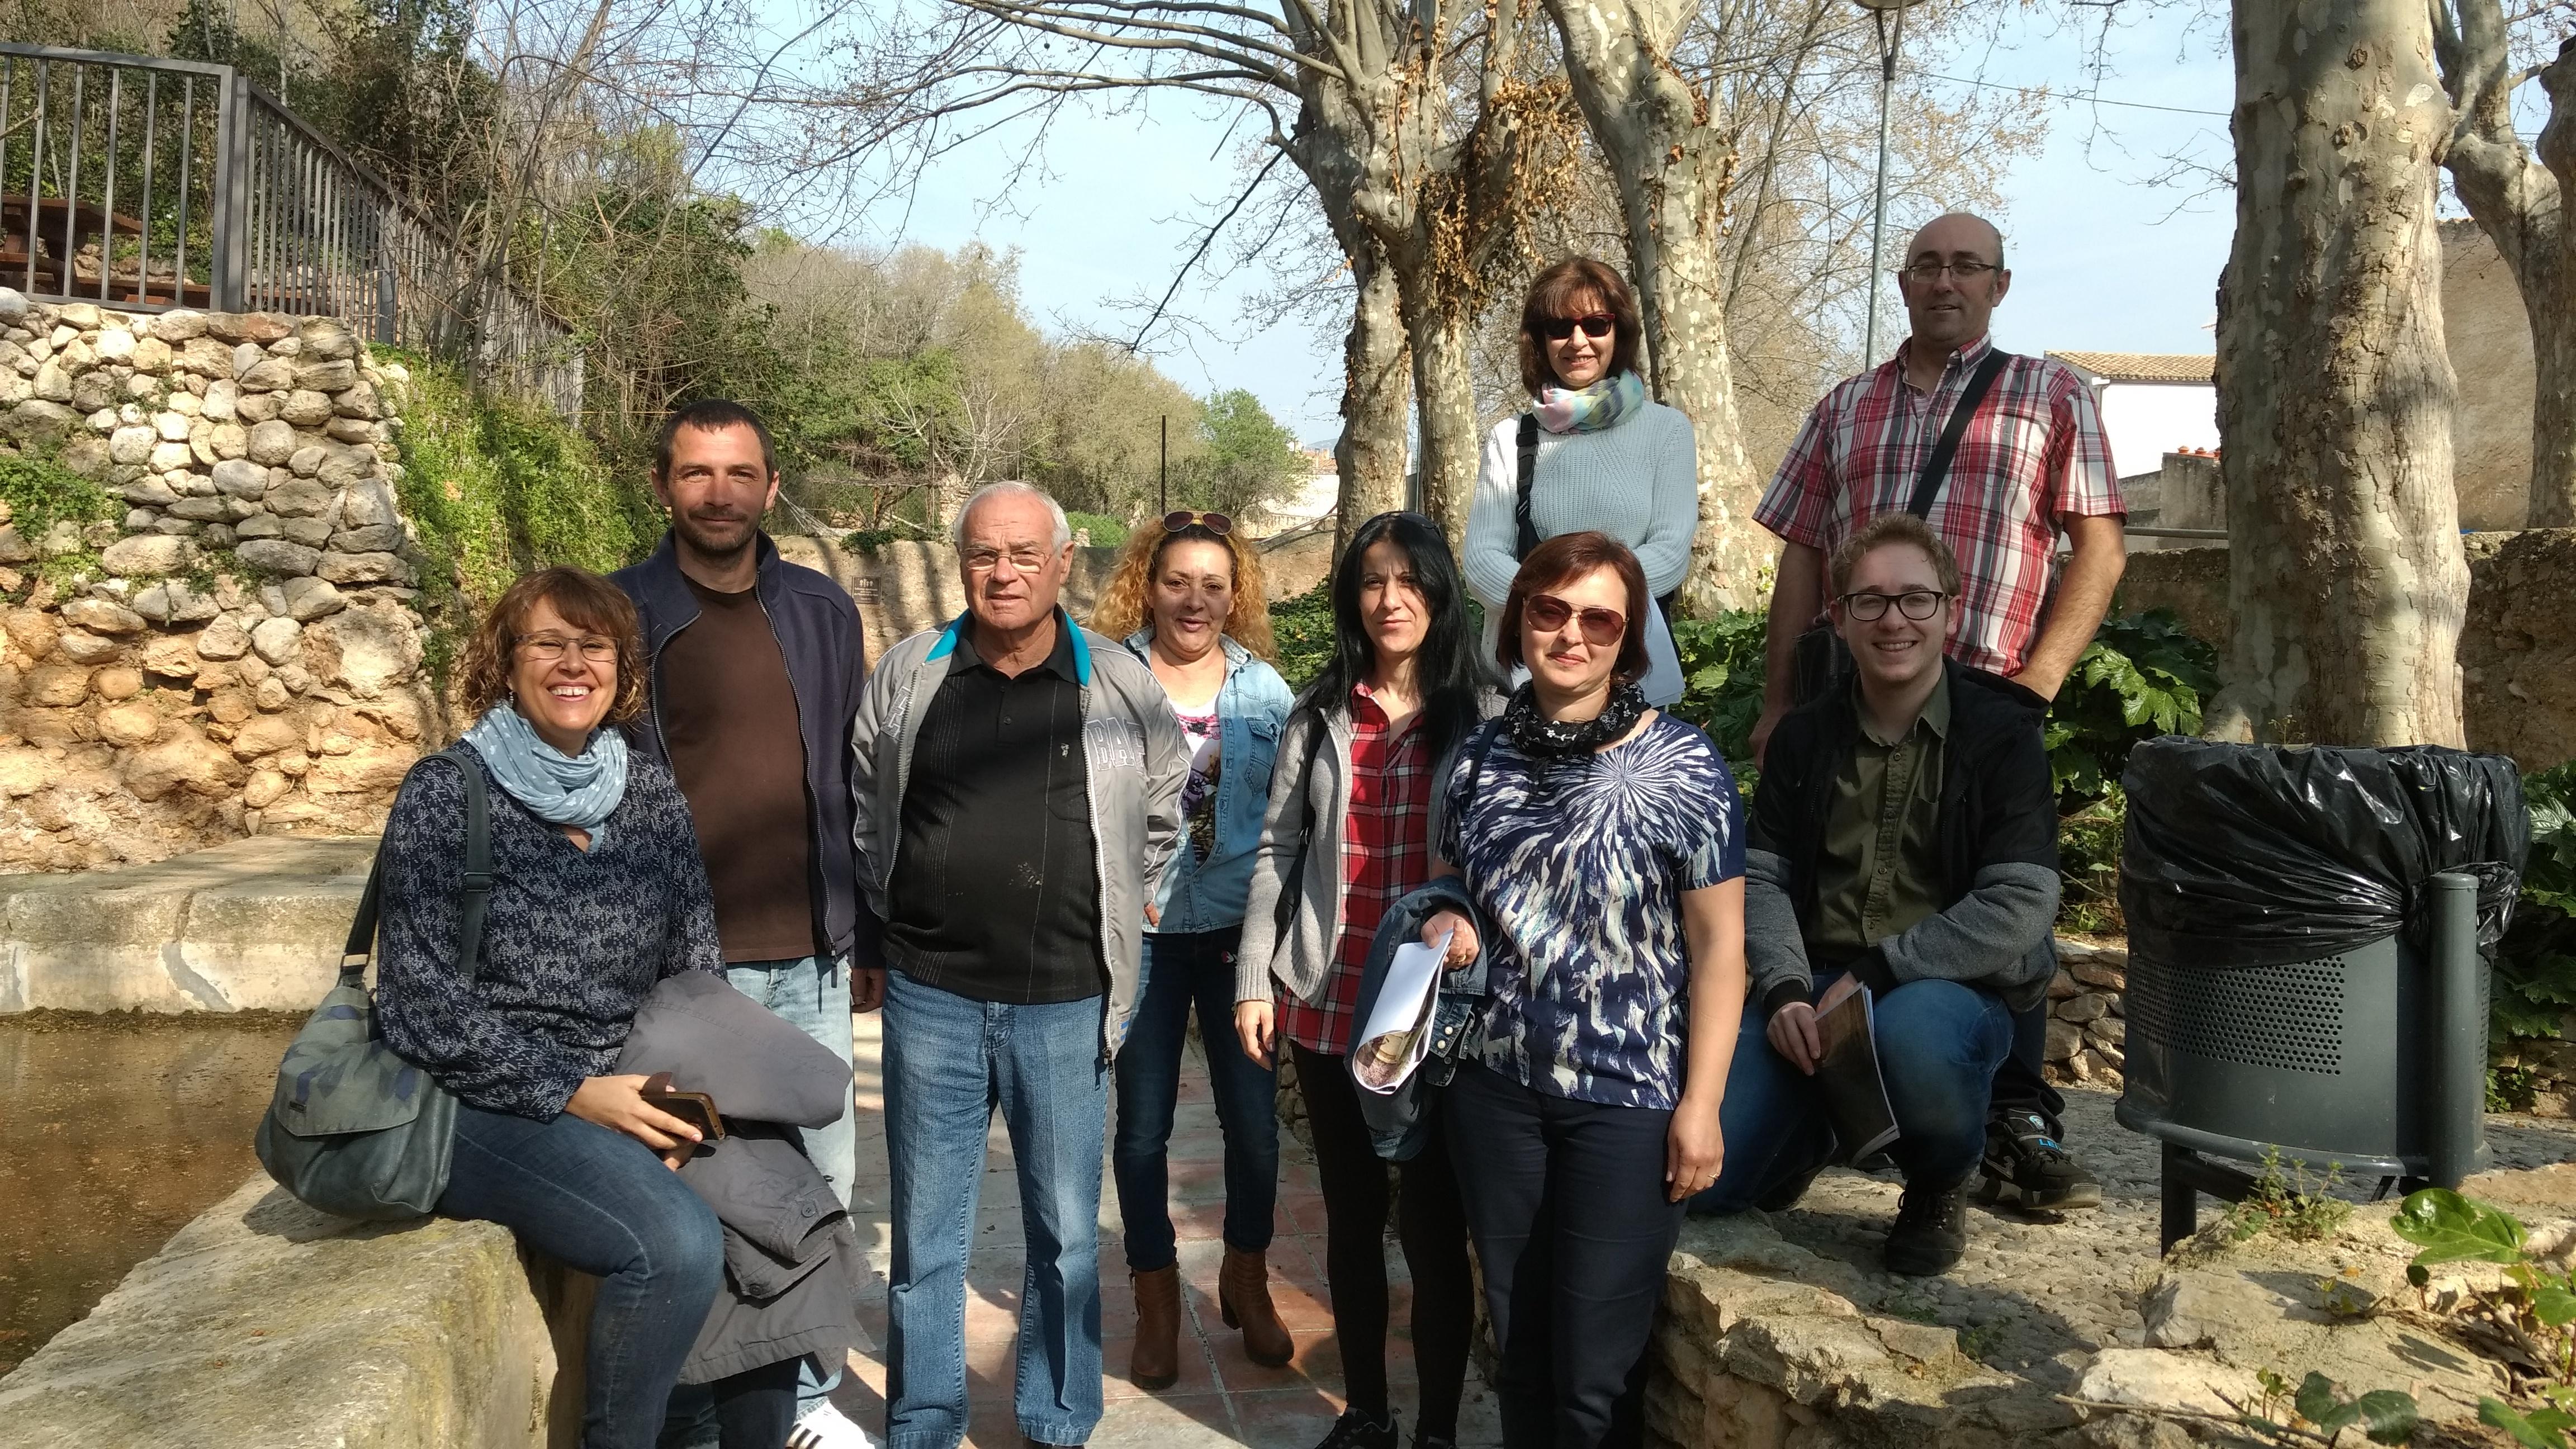 Aquest dimarts 21 de març ha tingut lloc la cloenda del curs de català de nivell B2